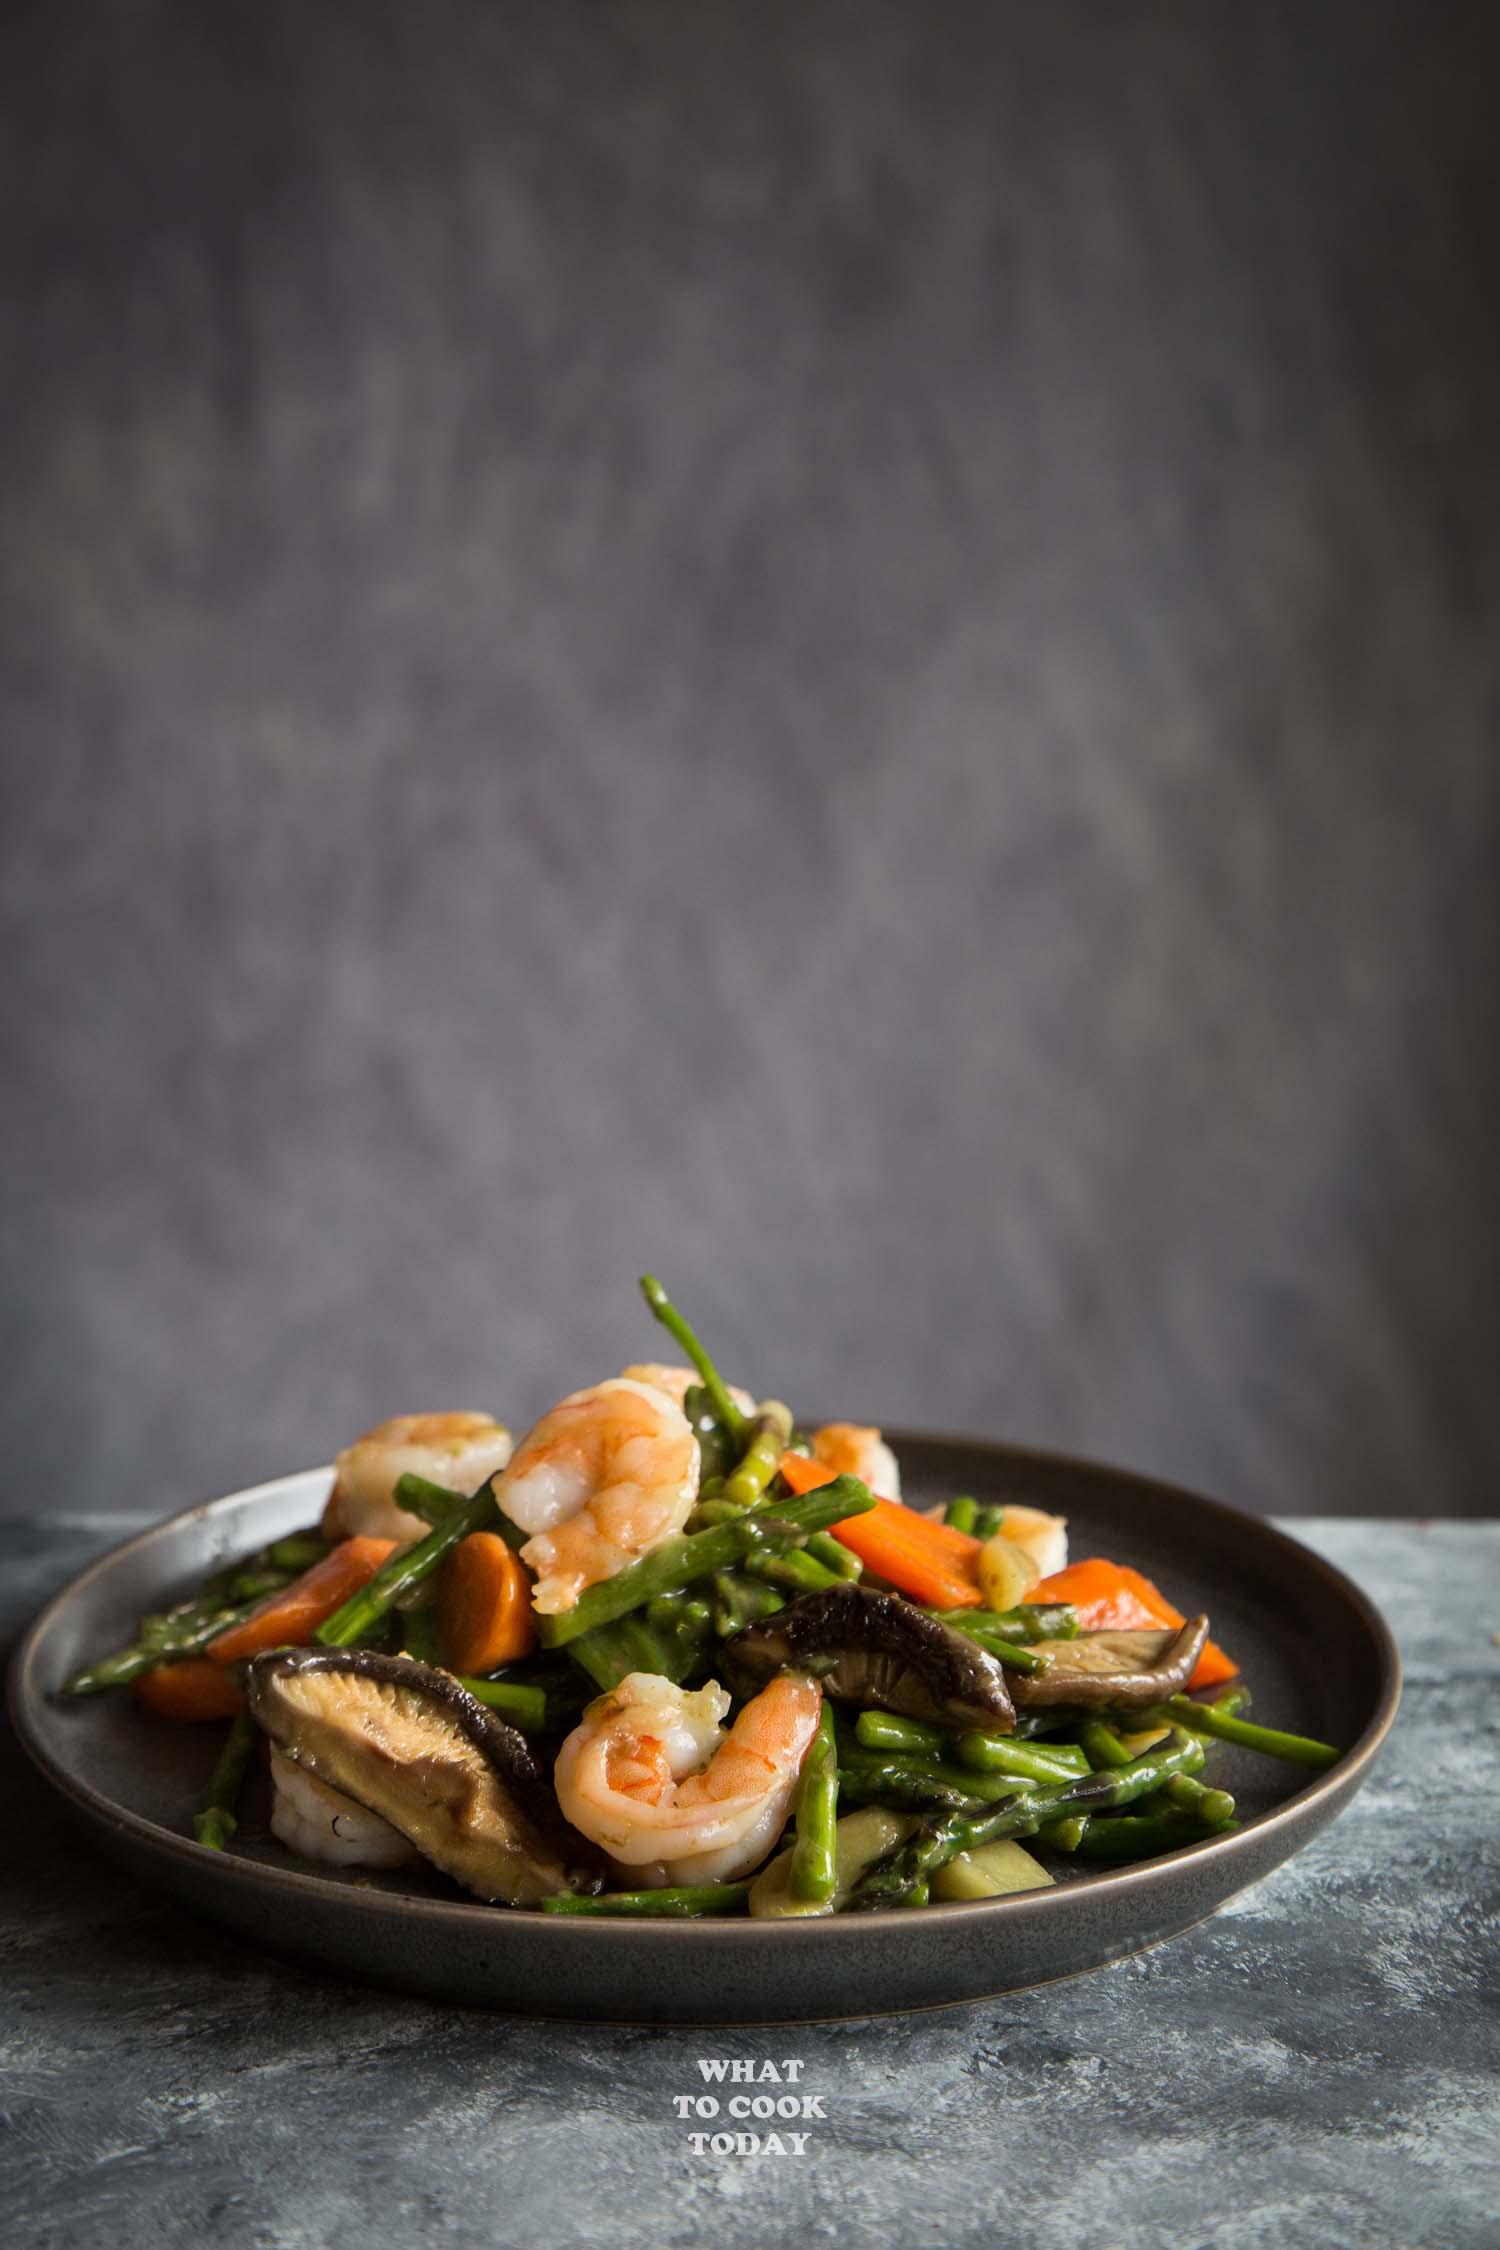 Super Easy and Versatile Stir-fried Asparagus with Shrimp